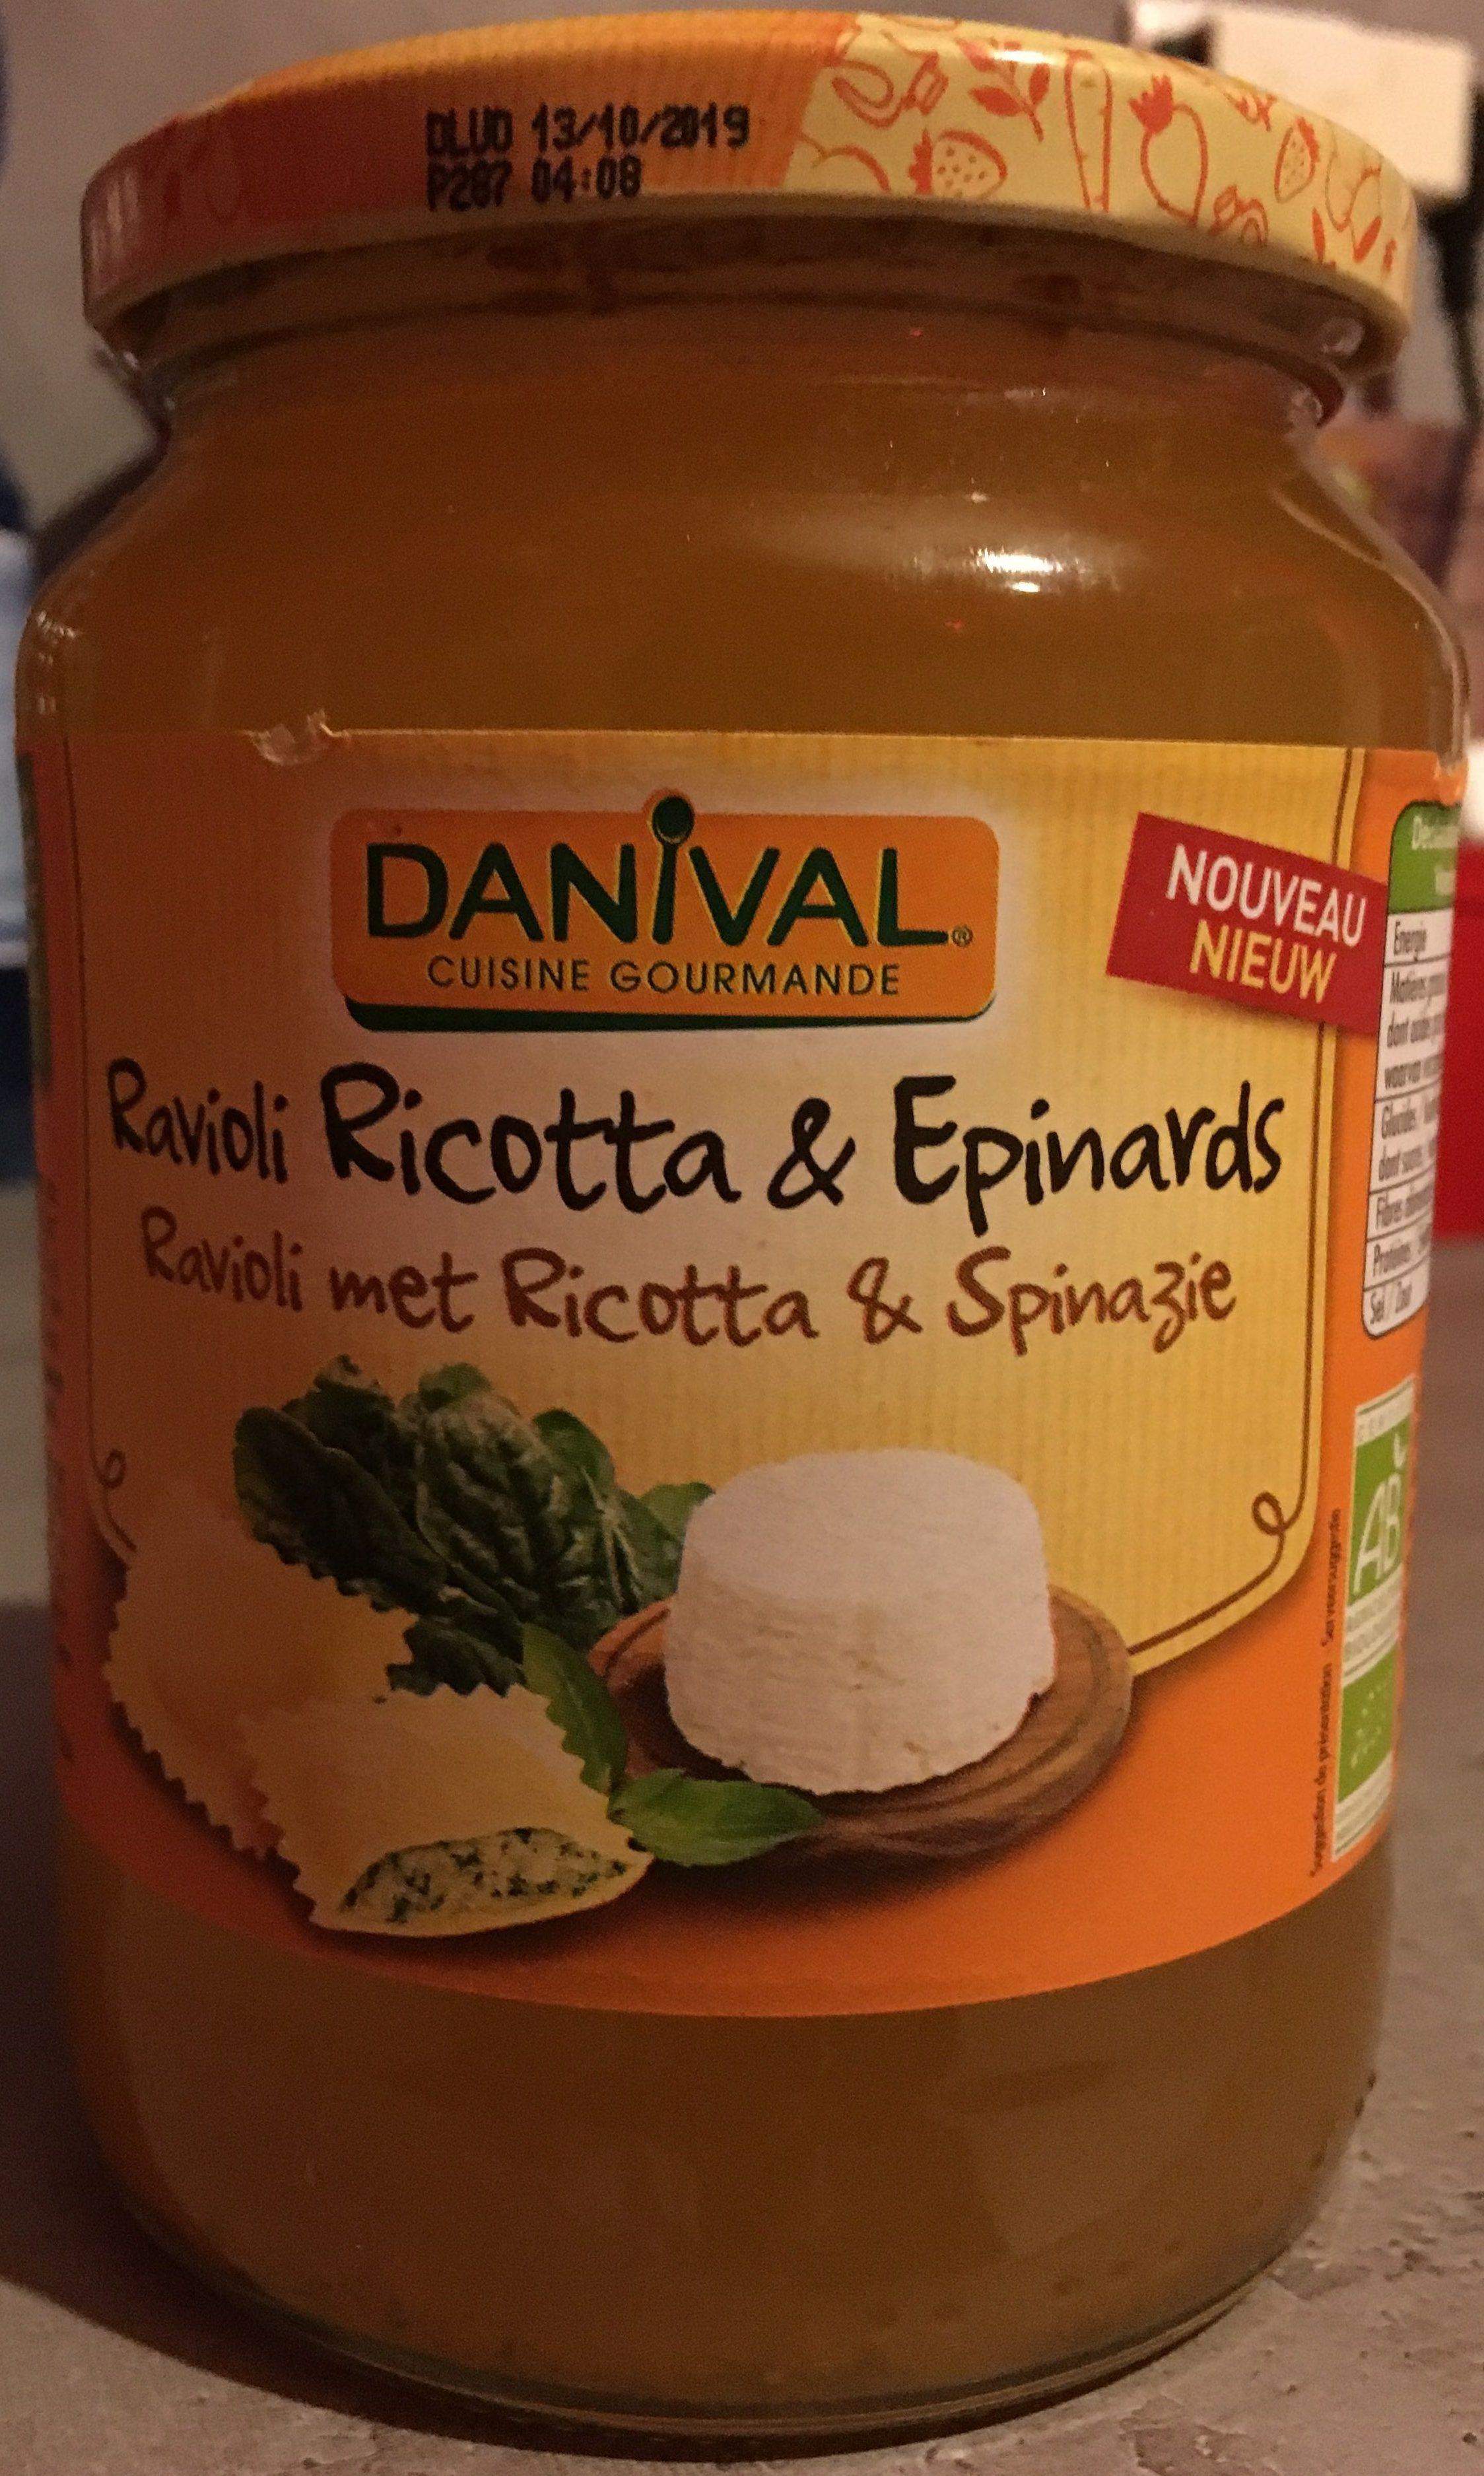 Ravioli Ricotta & Epinards - Produit - fr